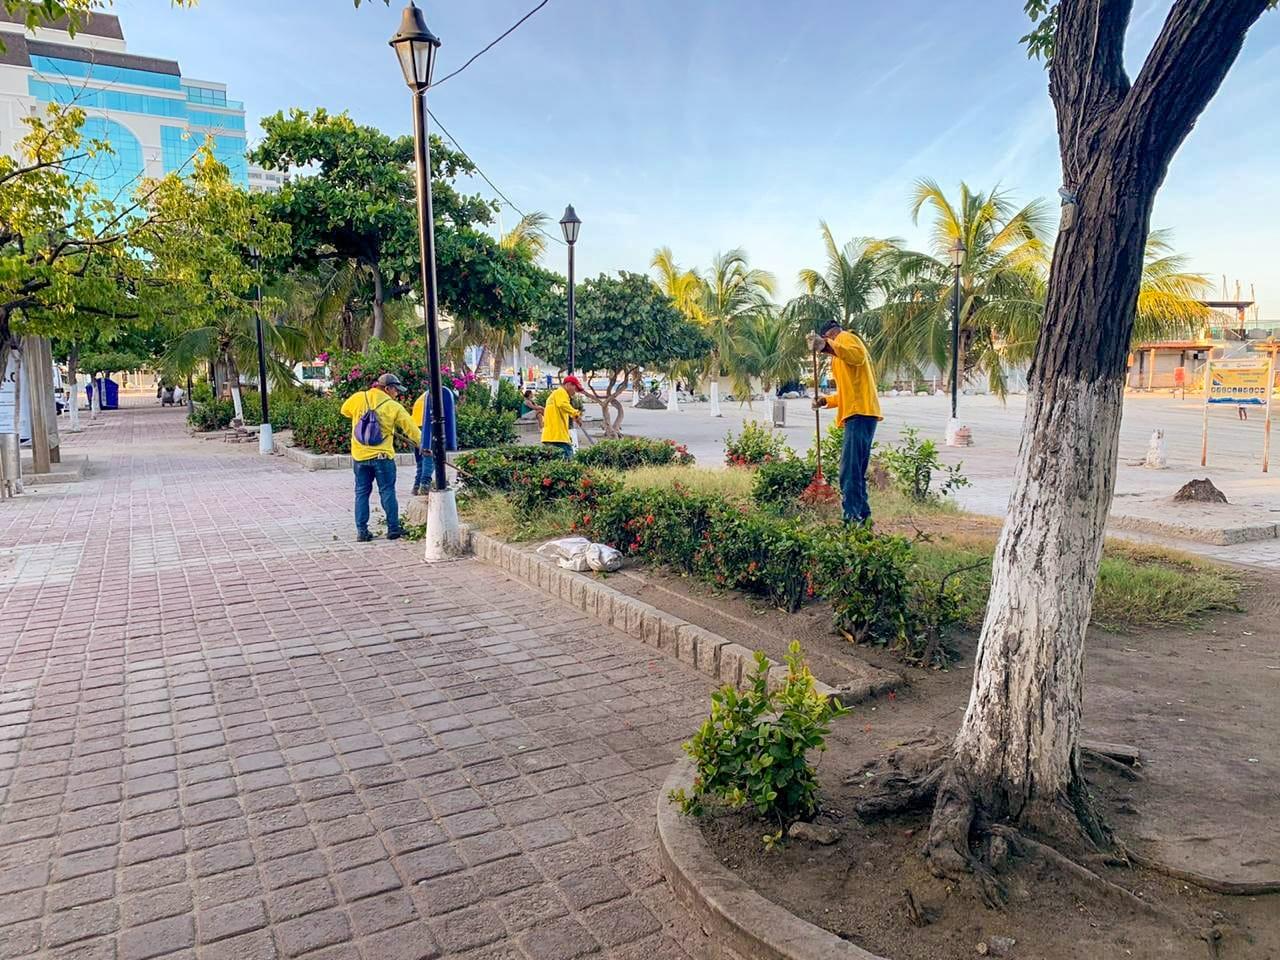 Limpieza de los jardines del camellón Rodrigo de Bastidas